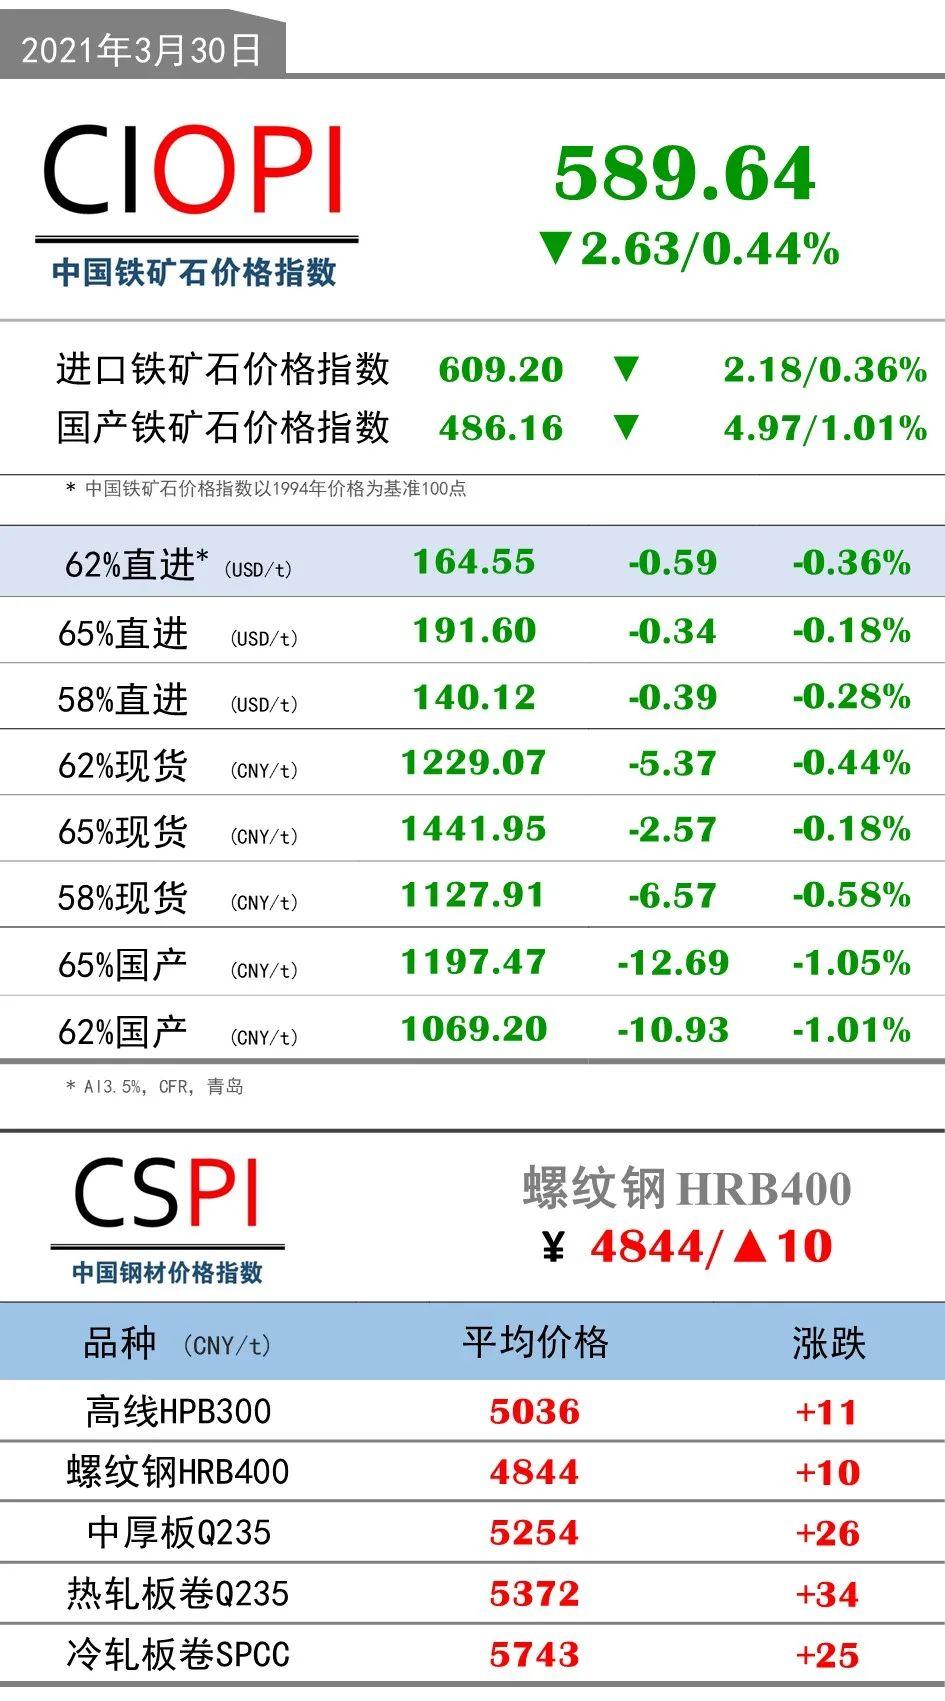 3月30日OPI 62%直进:164.55(-0.59/-0.36%)